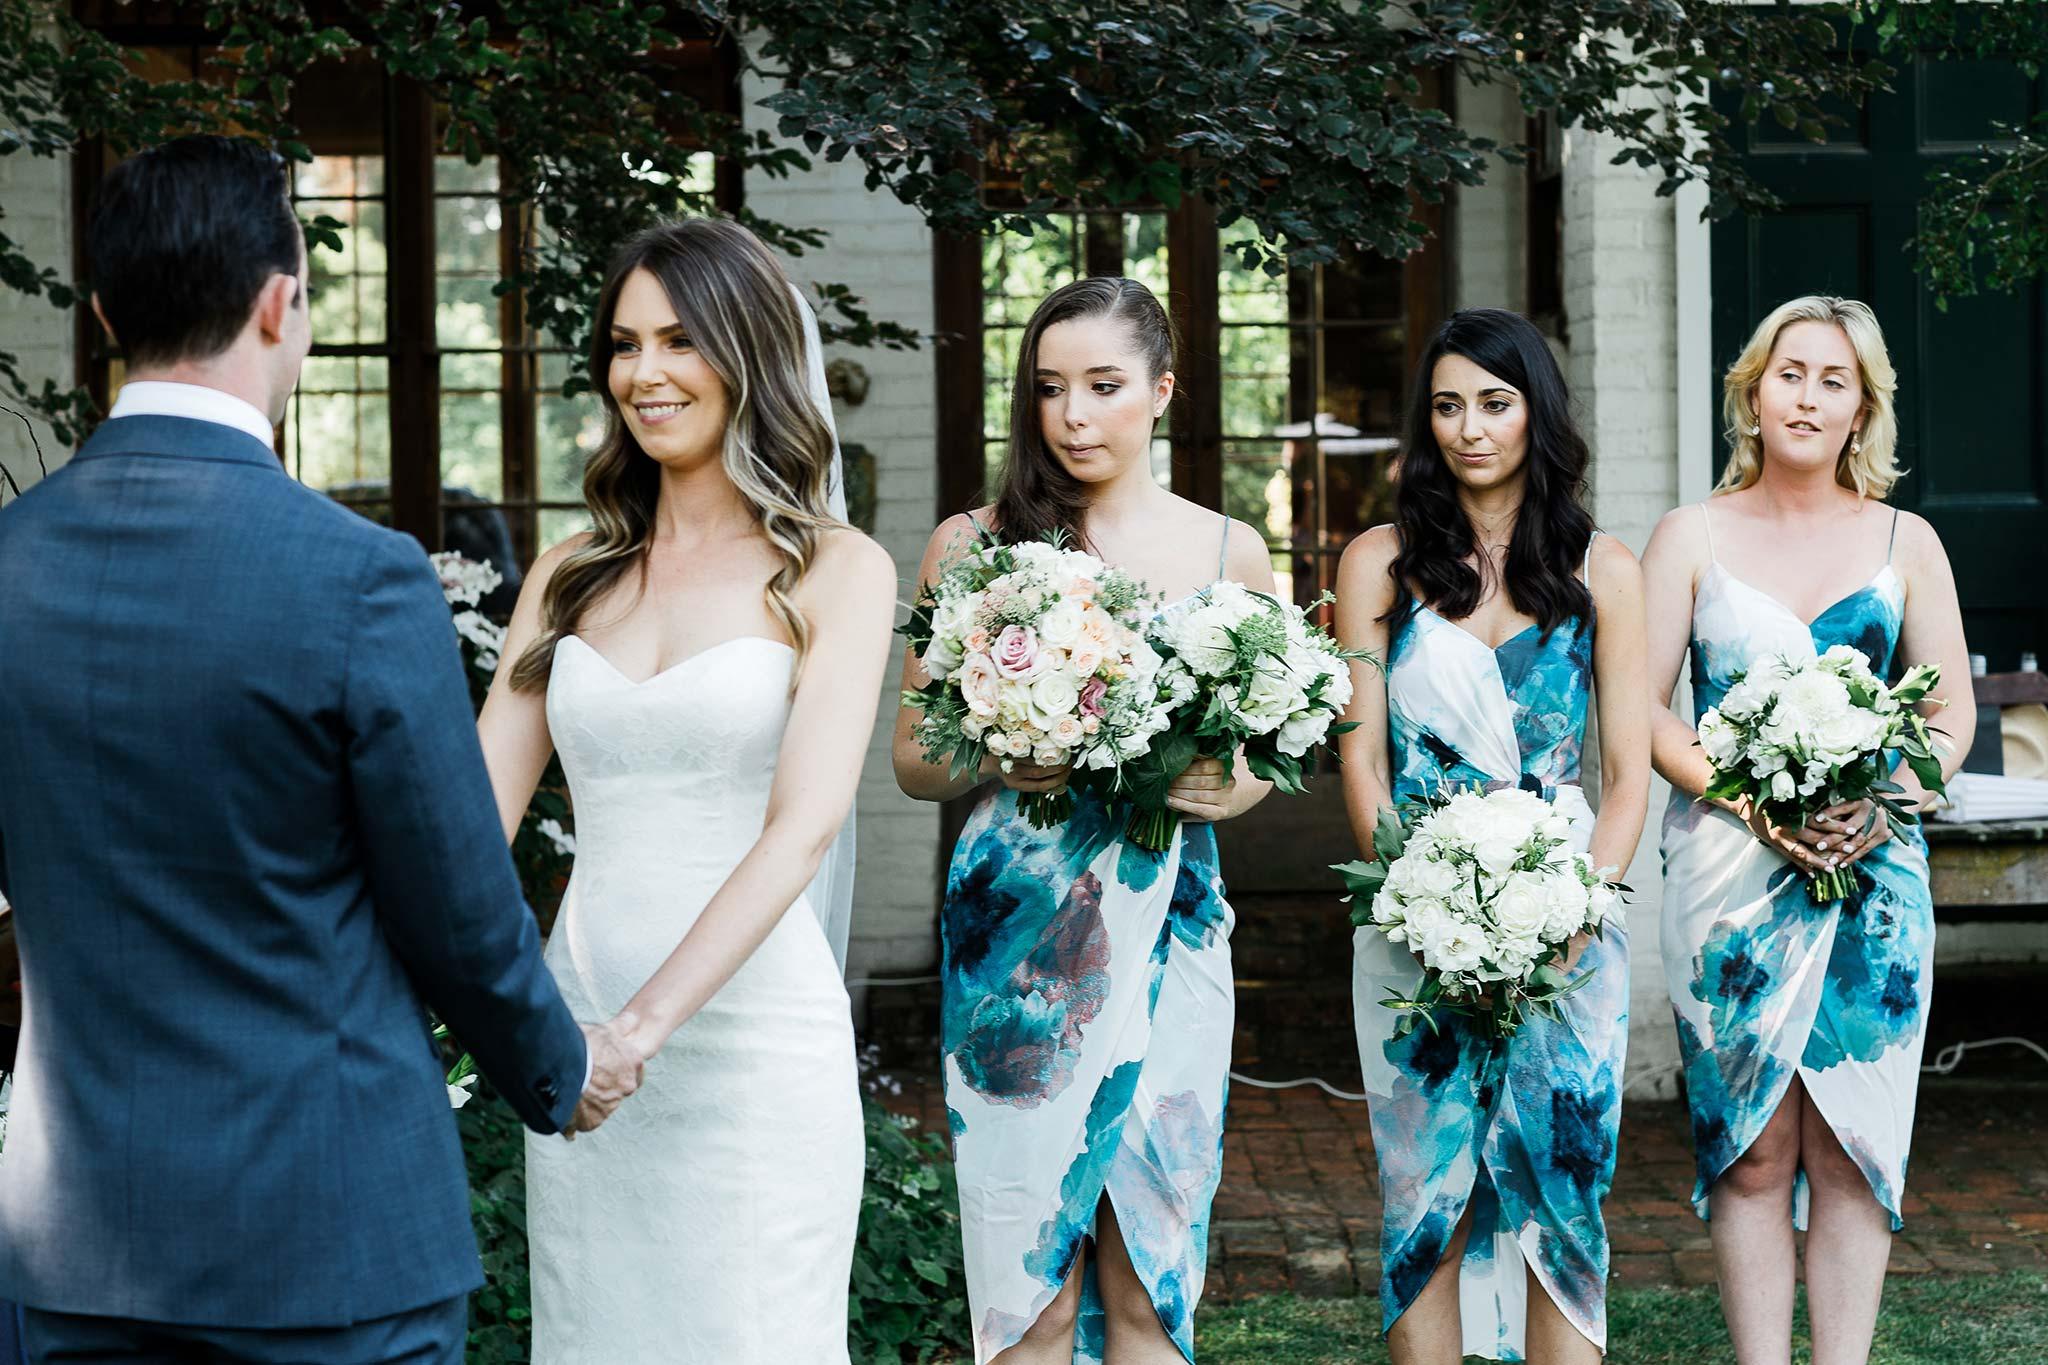 Brickendon wedding bridesmaids and bouquets